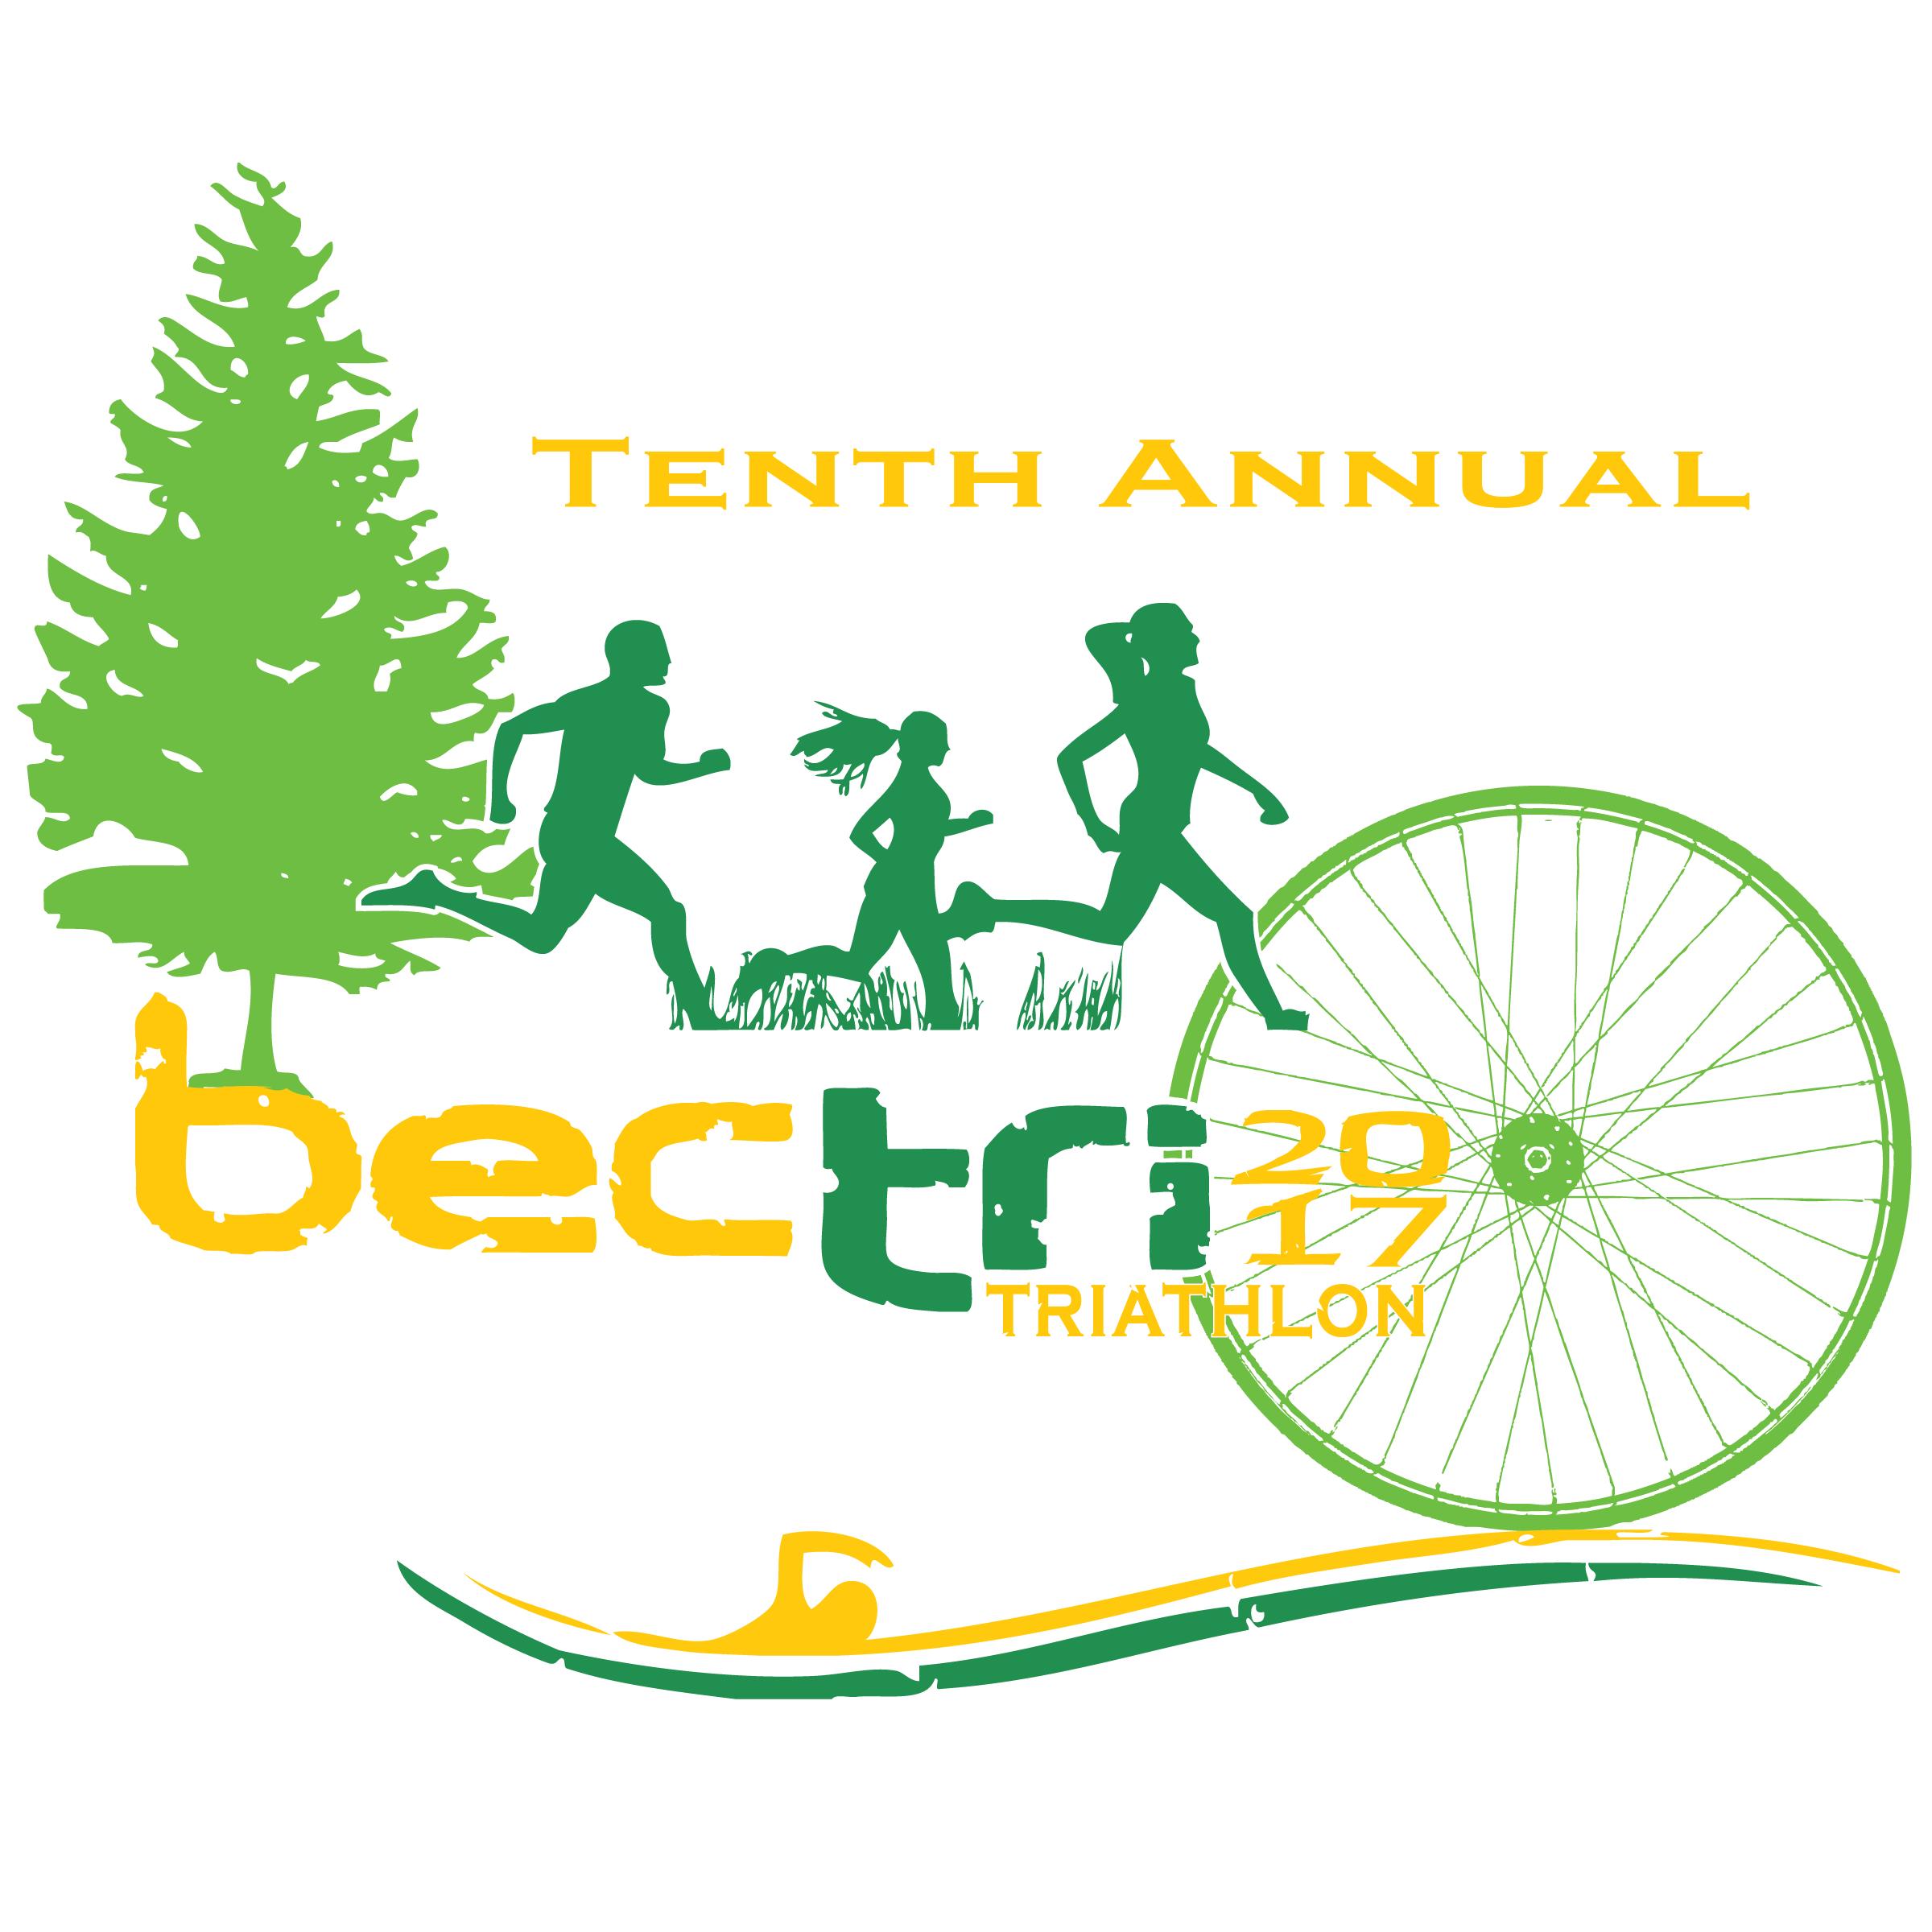 Bectri.logo.2017